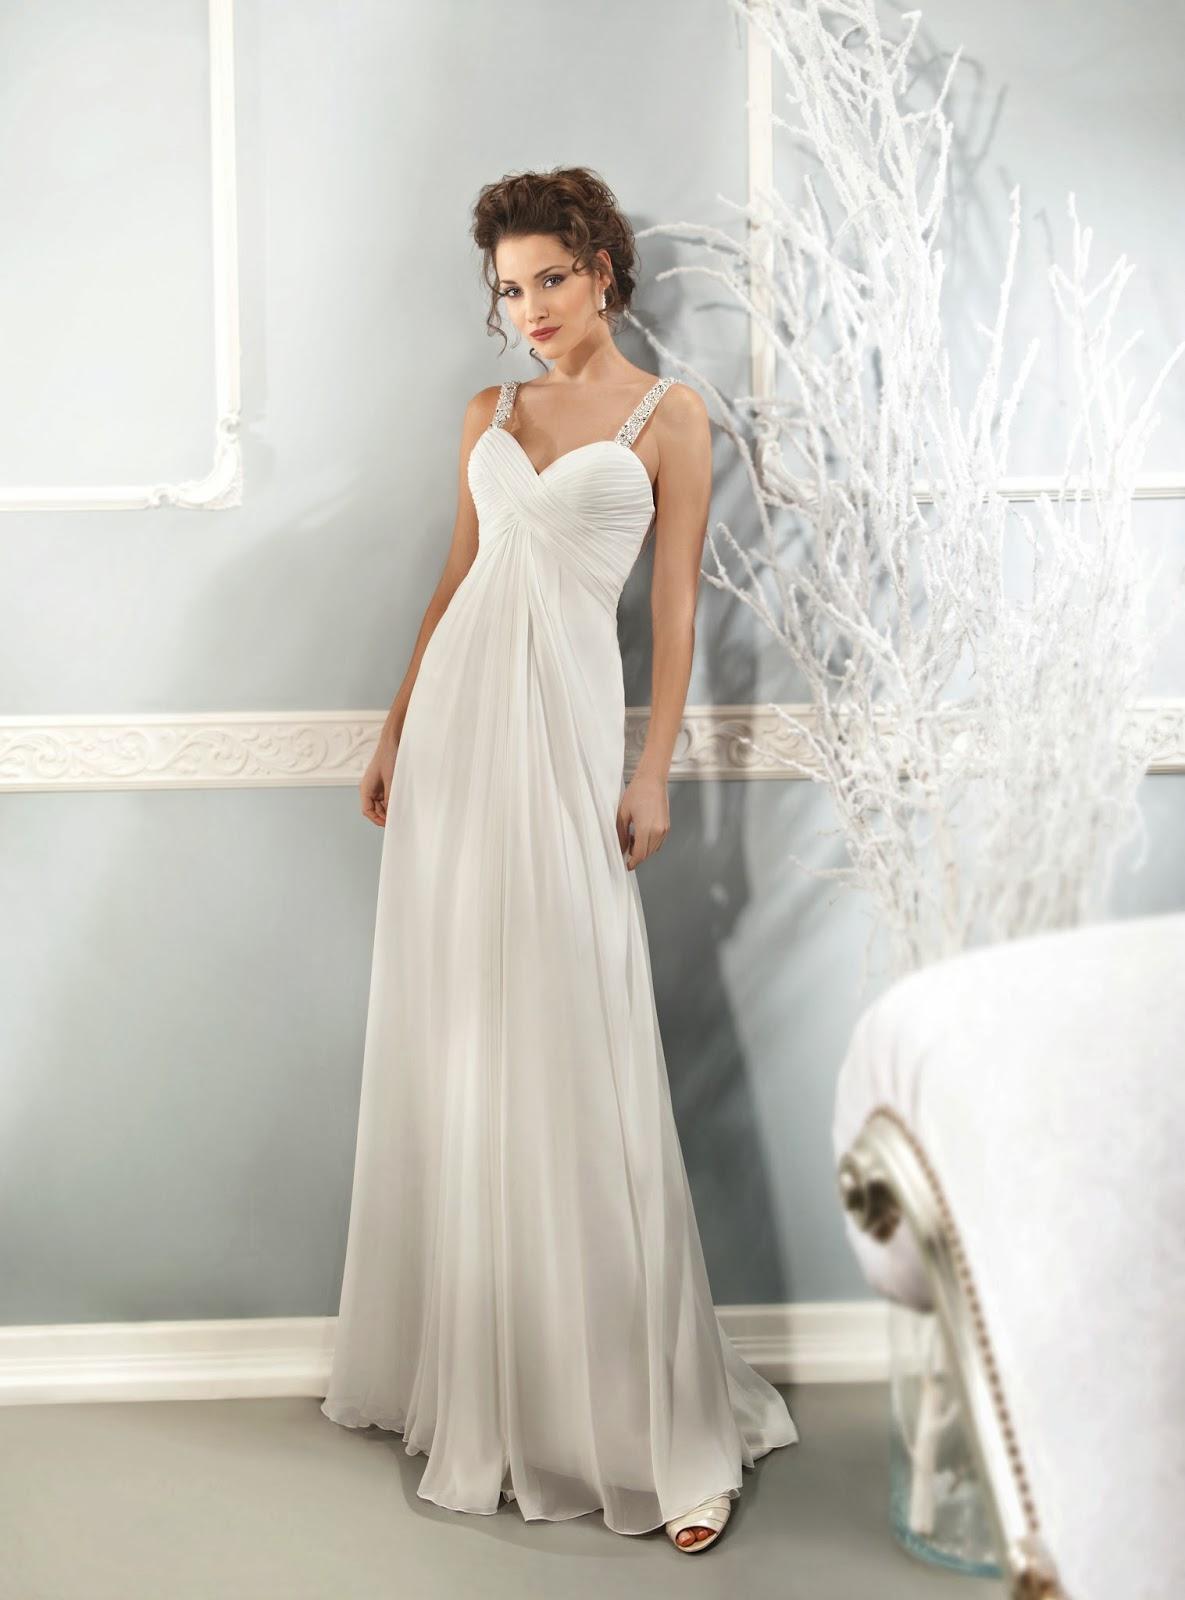 Vestidos largos matrimonio civil